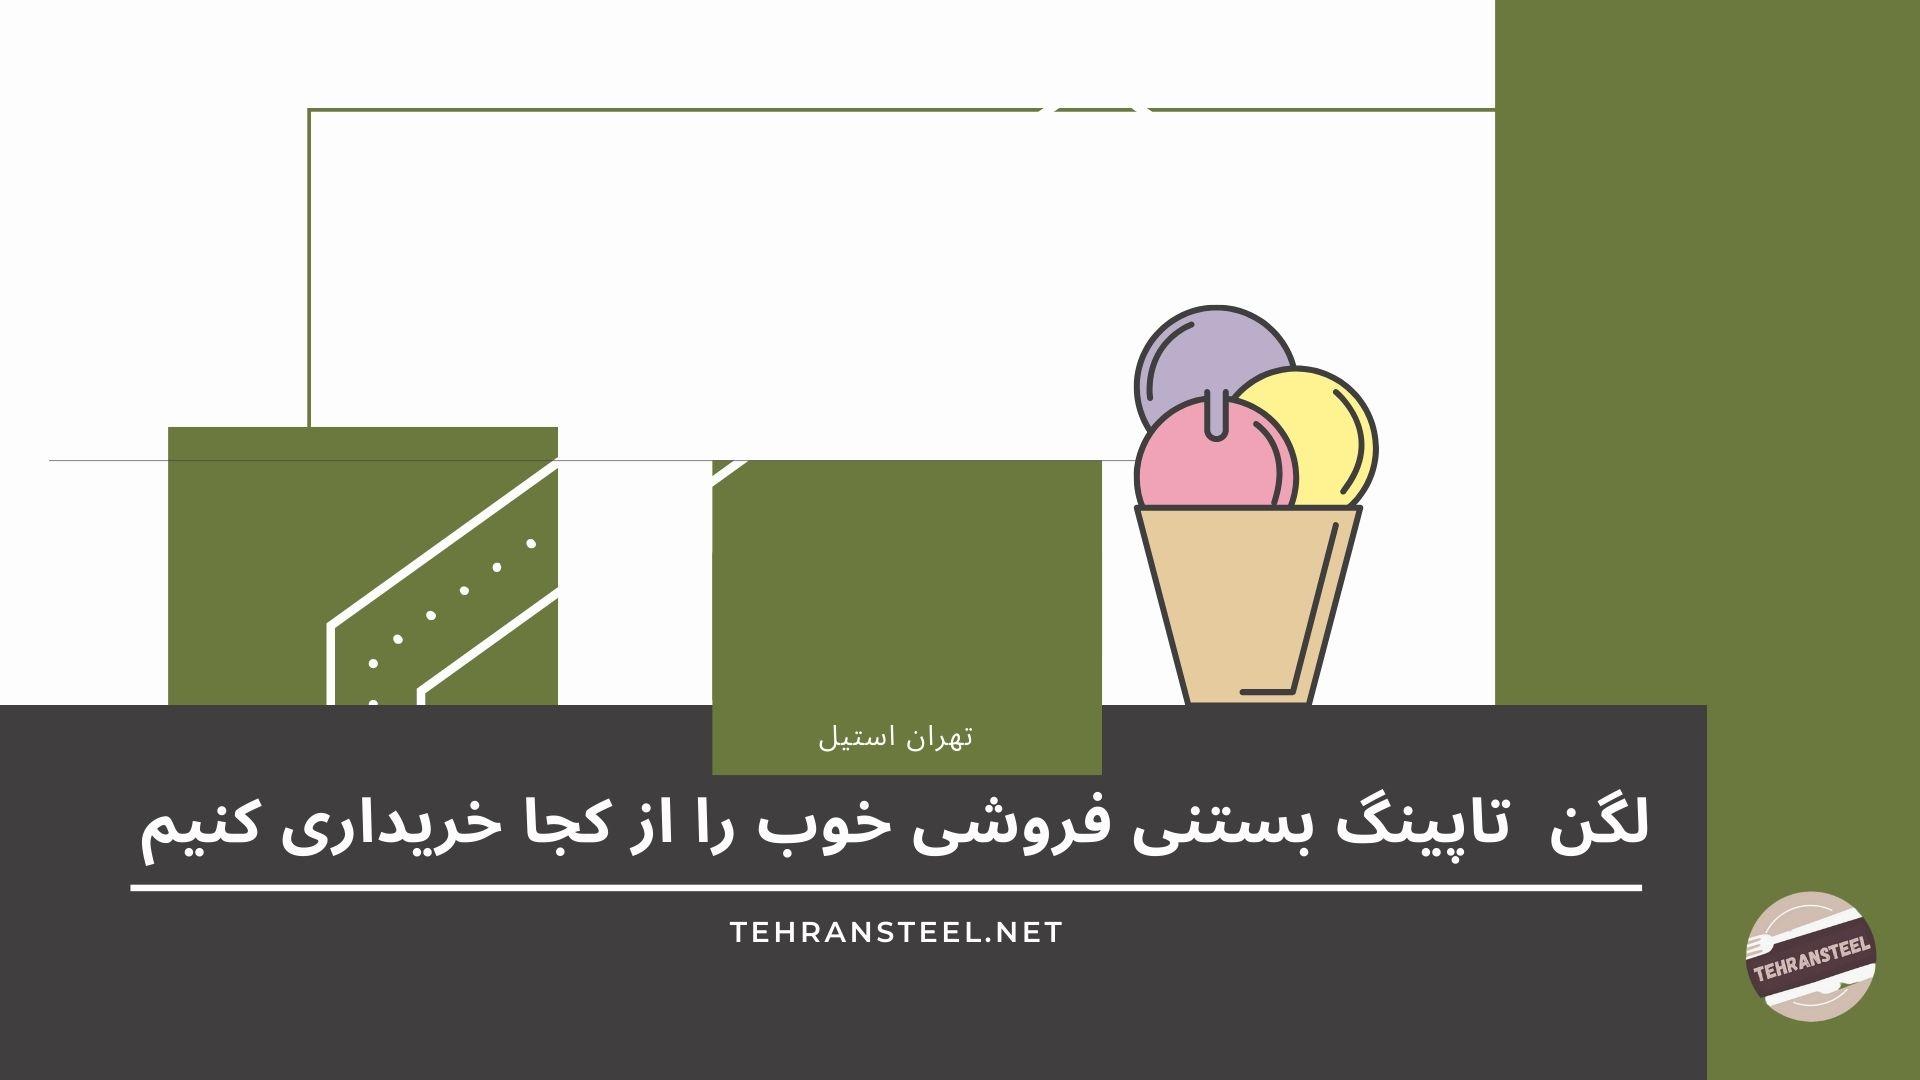 لگن تاپینگ بستنی فروشی خوب را از کجا خریداری کنیم